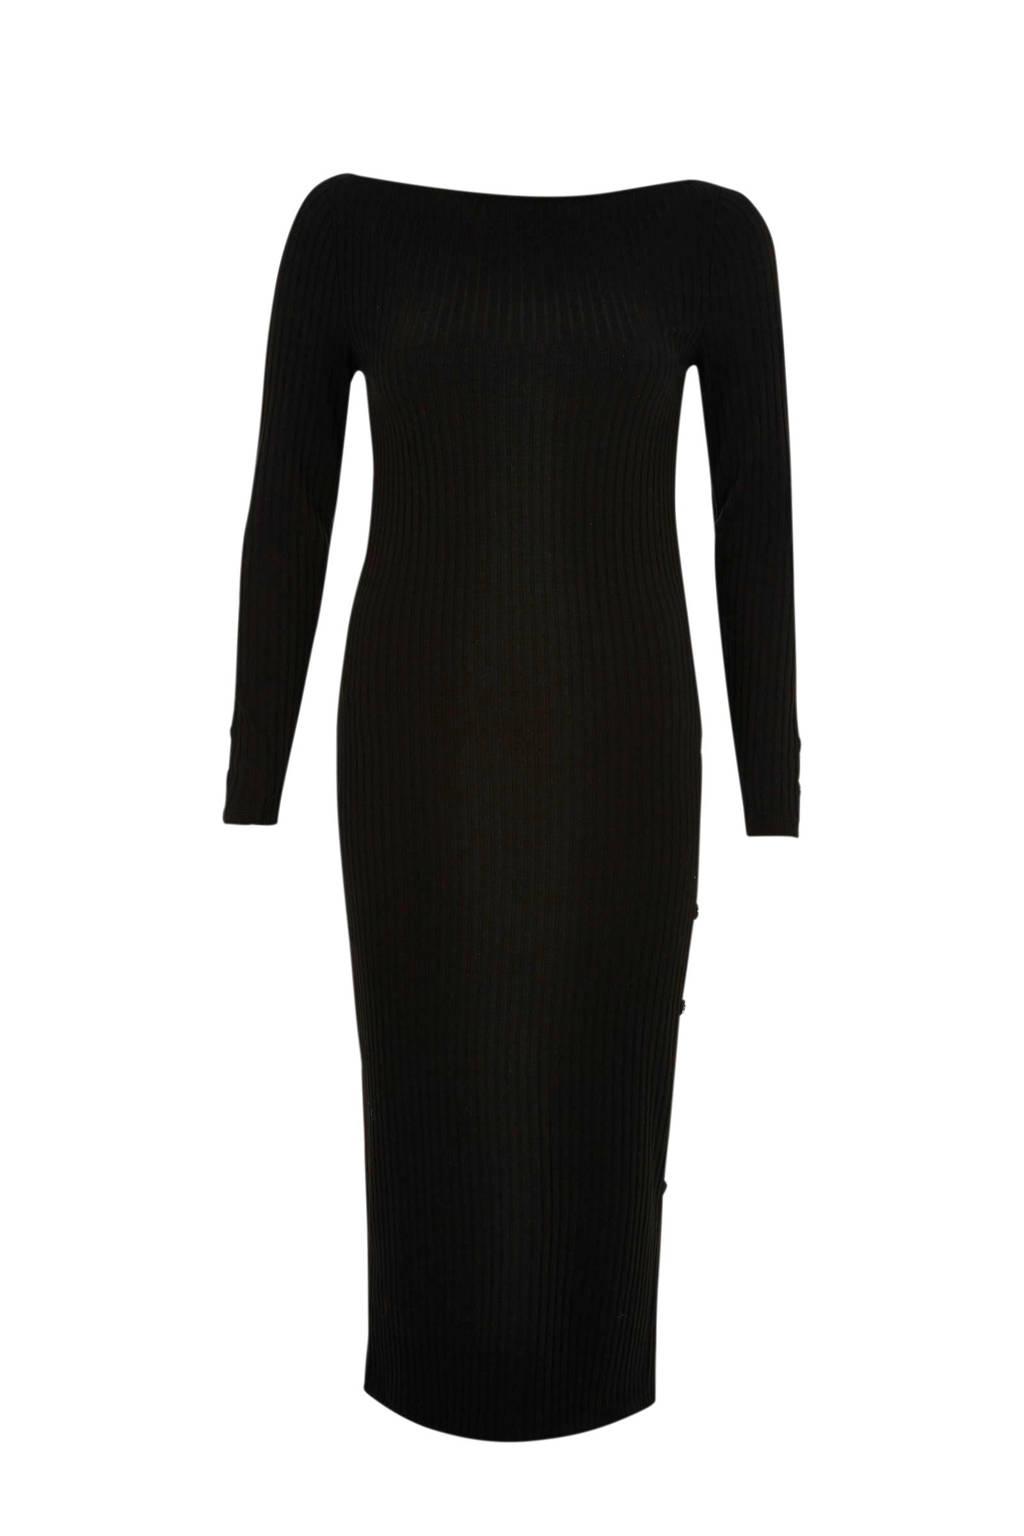 River Island jurk met boothals, Zwart